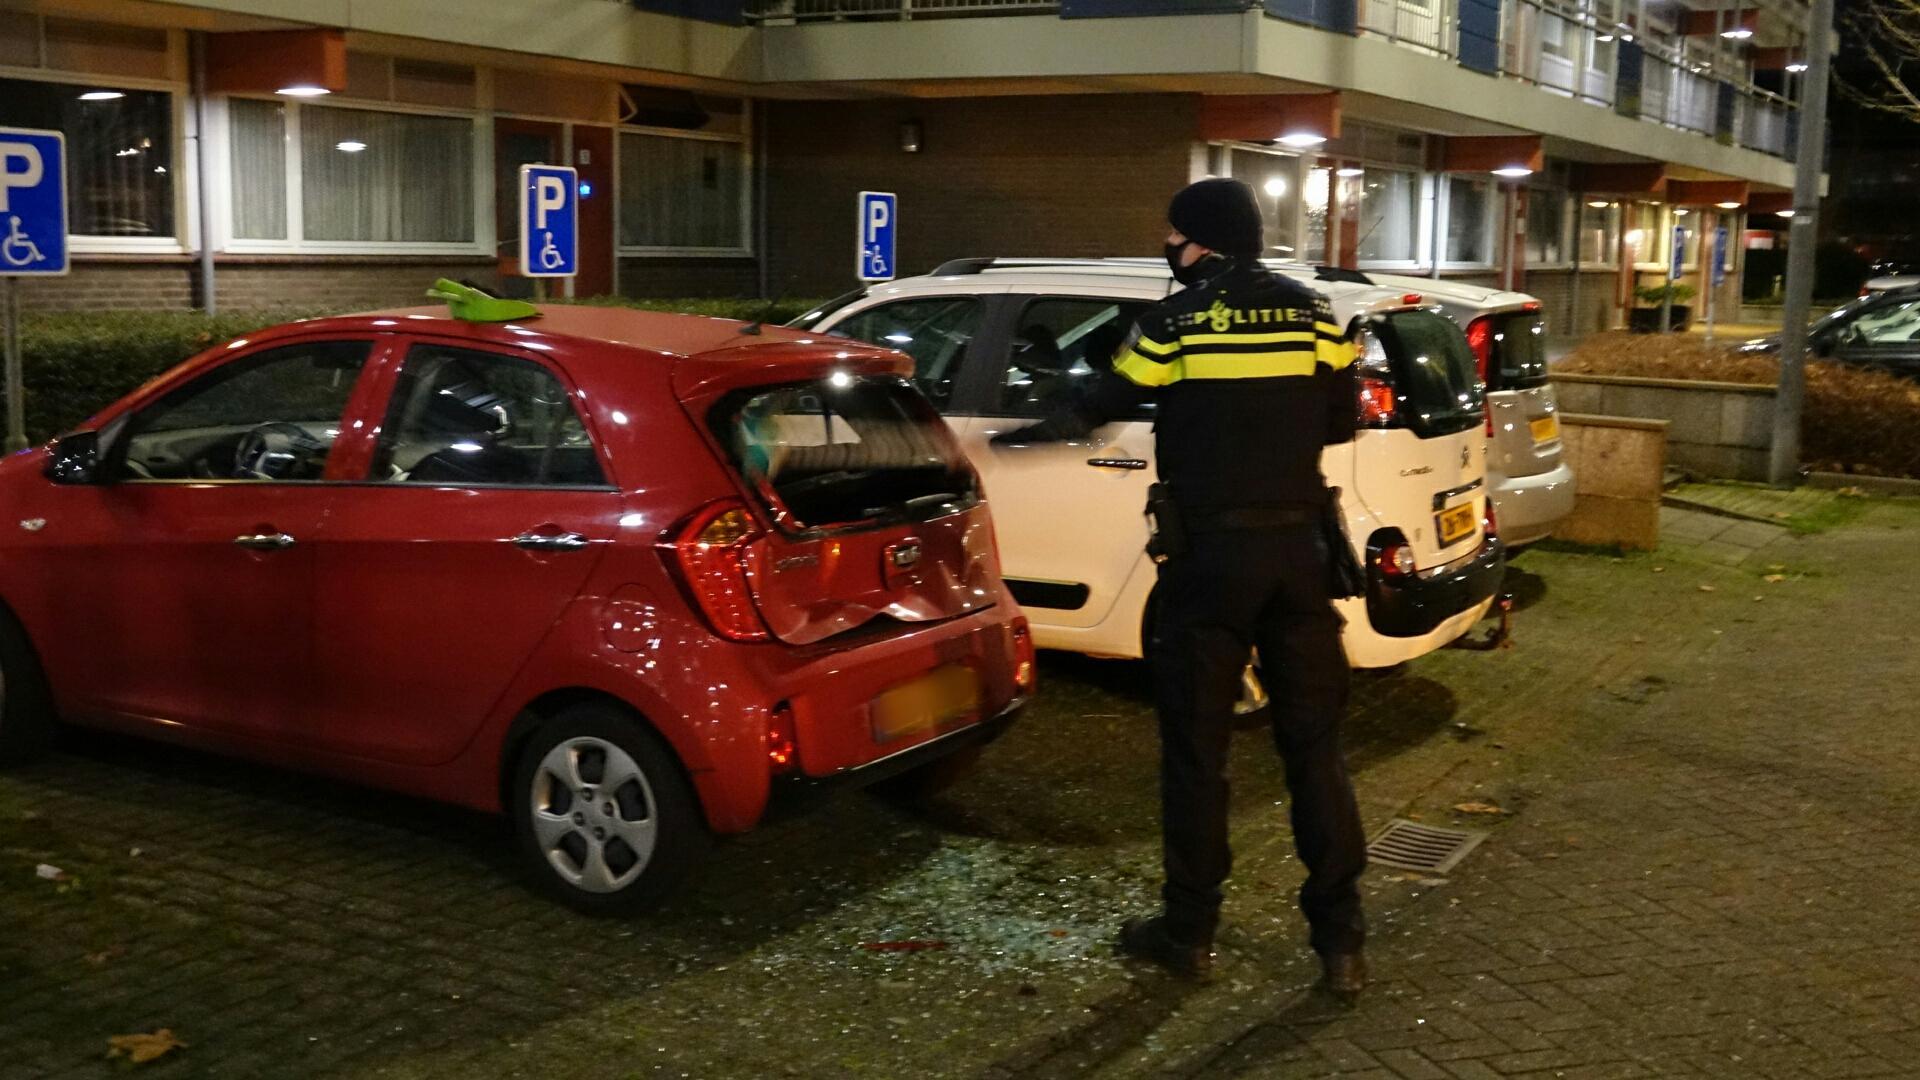 Onbekende bestuurder ramt auto van oude vrouw op invalidenparkeerplaats in Hoorn en rijdt door na ongeval